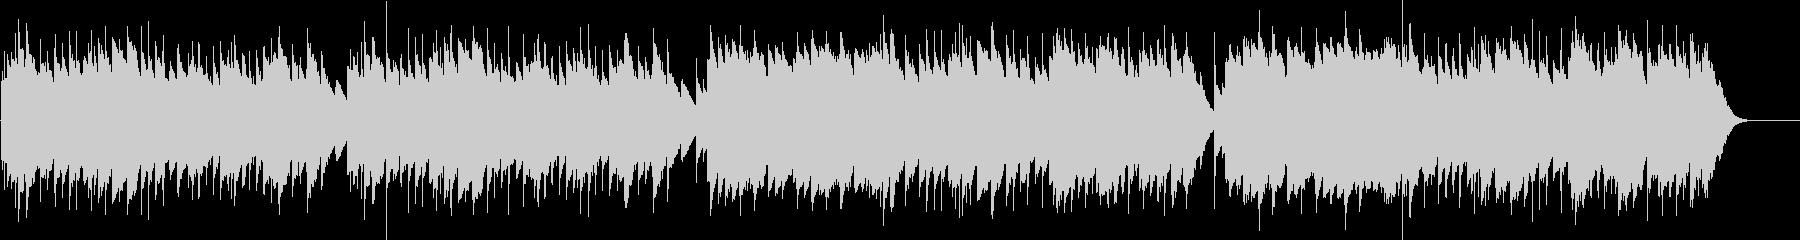 ボッケリーニ 弦楽五重奏曲(オルゴール)の未再生の波形